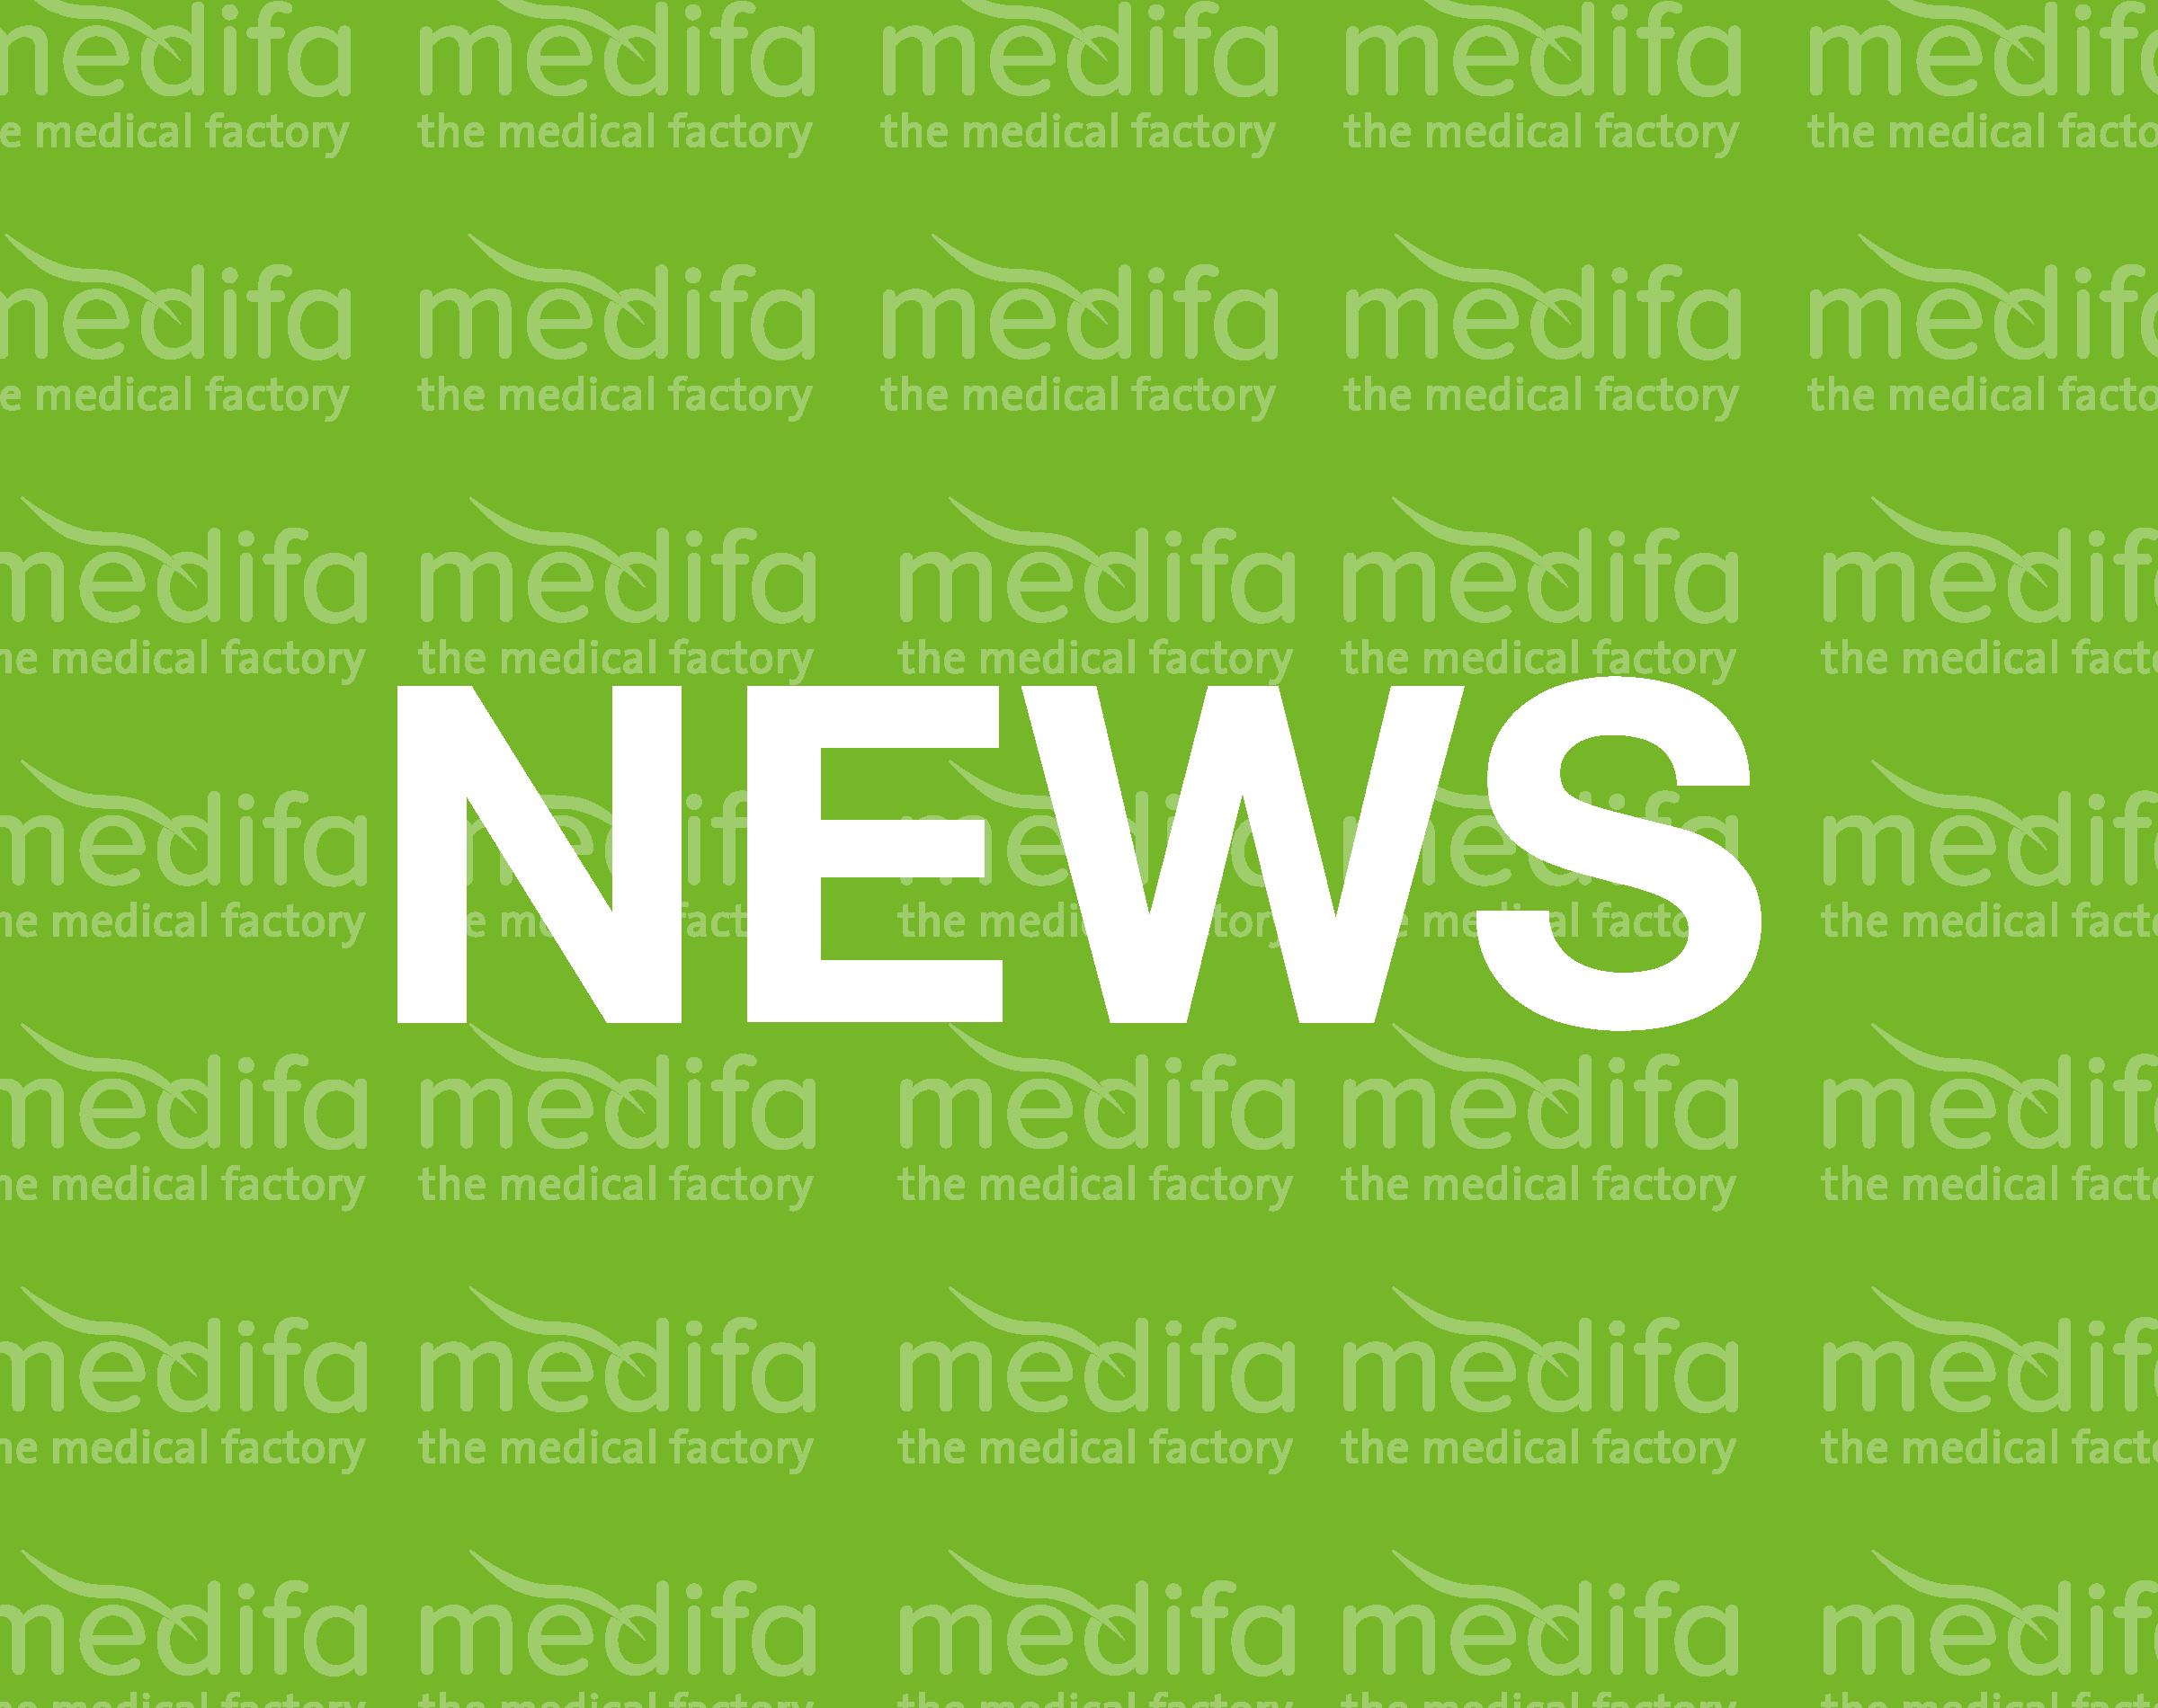 medifa weiter auf Wachstumskurs: medifa healthcare group und Cathay Capital starten internationale Partnerschaft.